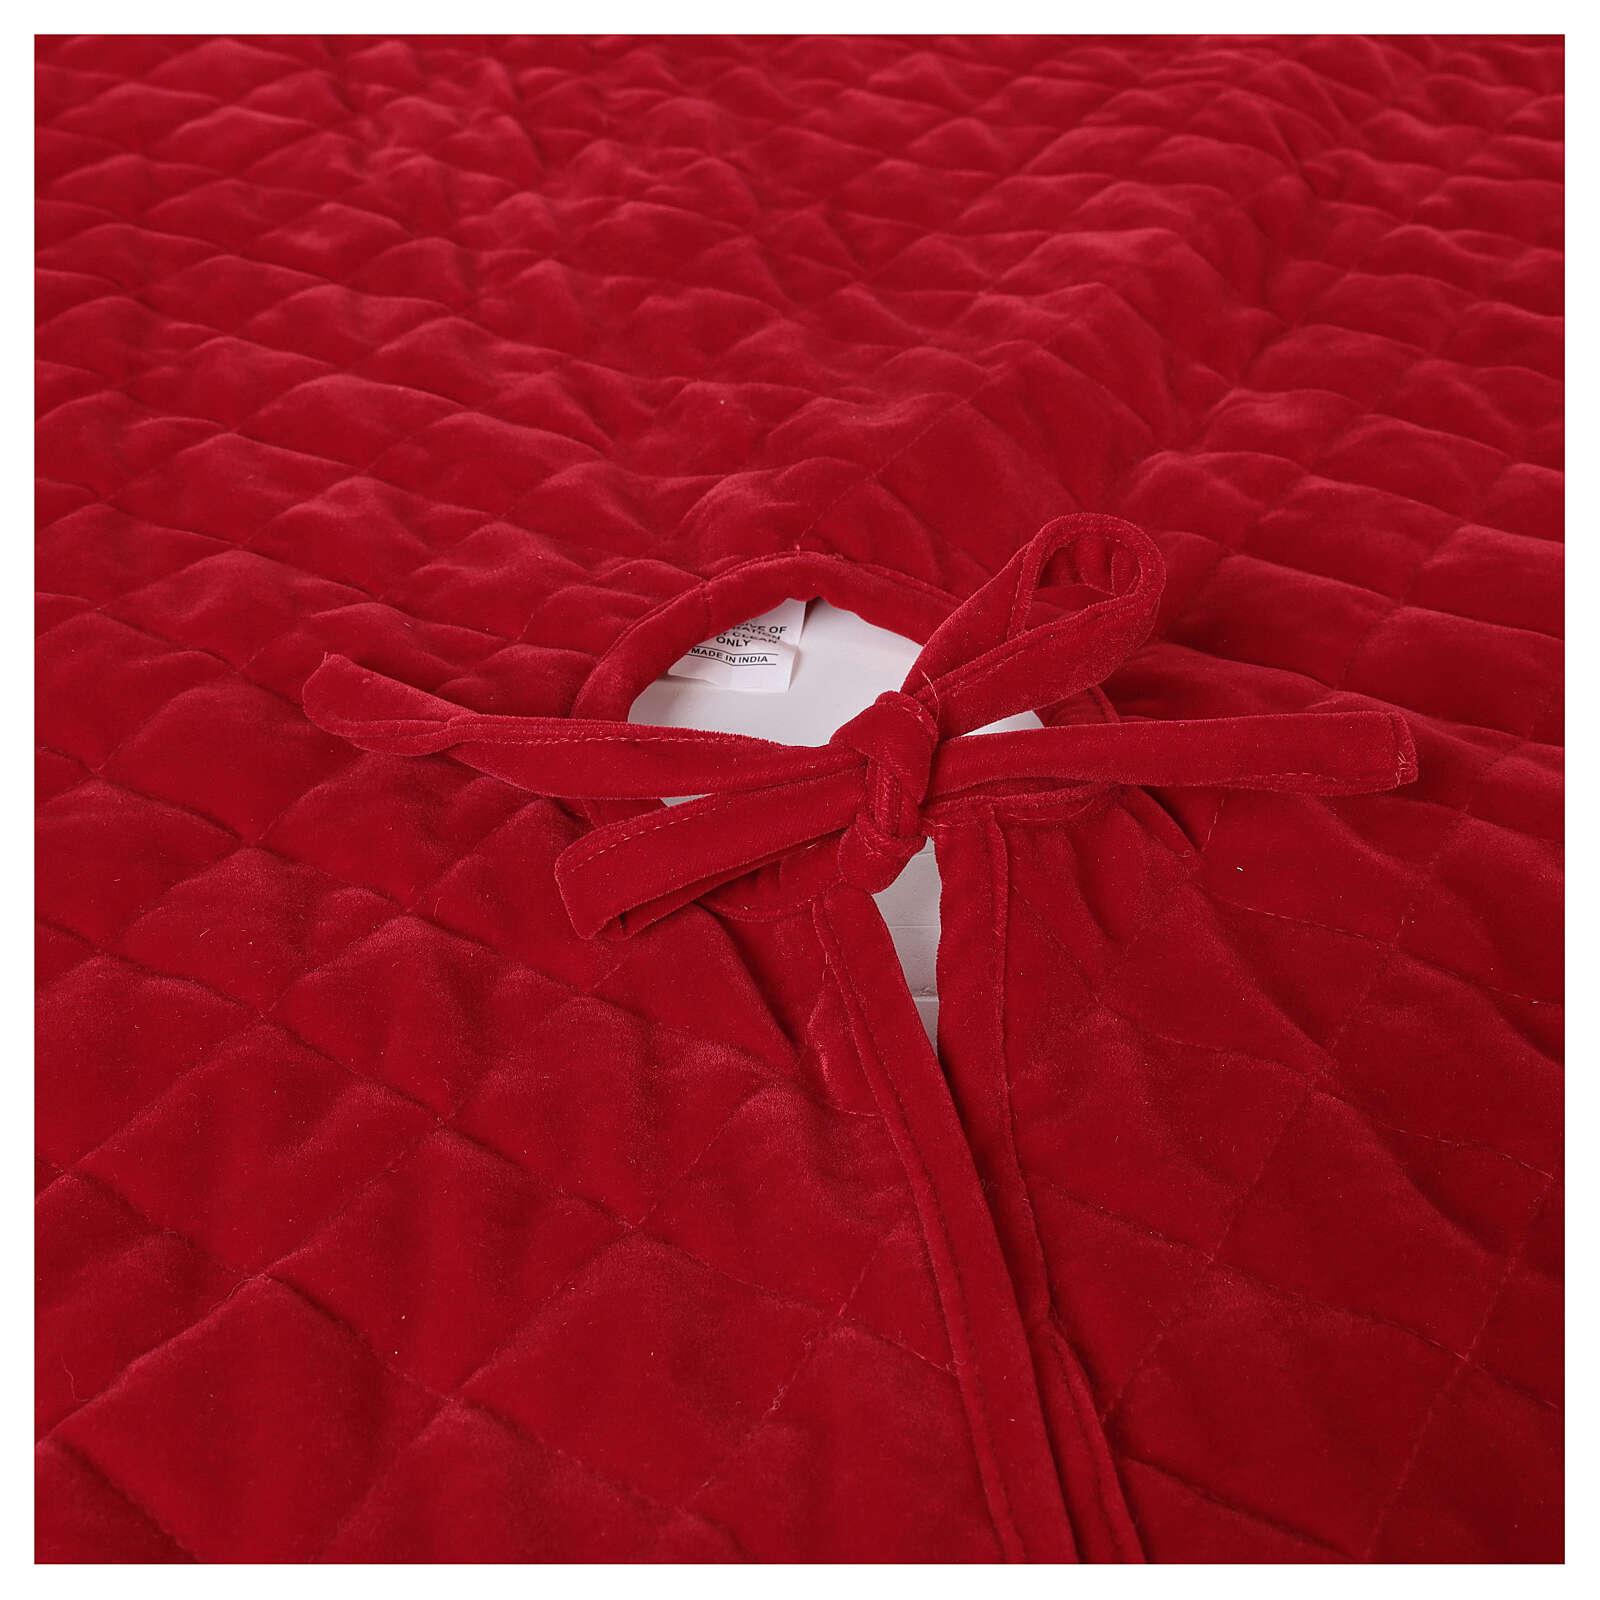 Copribase Albero Natale velluto rosso d. 1,40 cm poli. rayon cotone 3